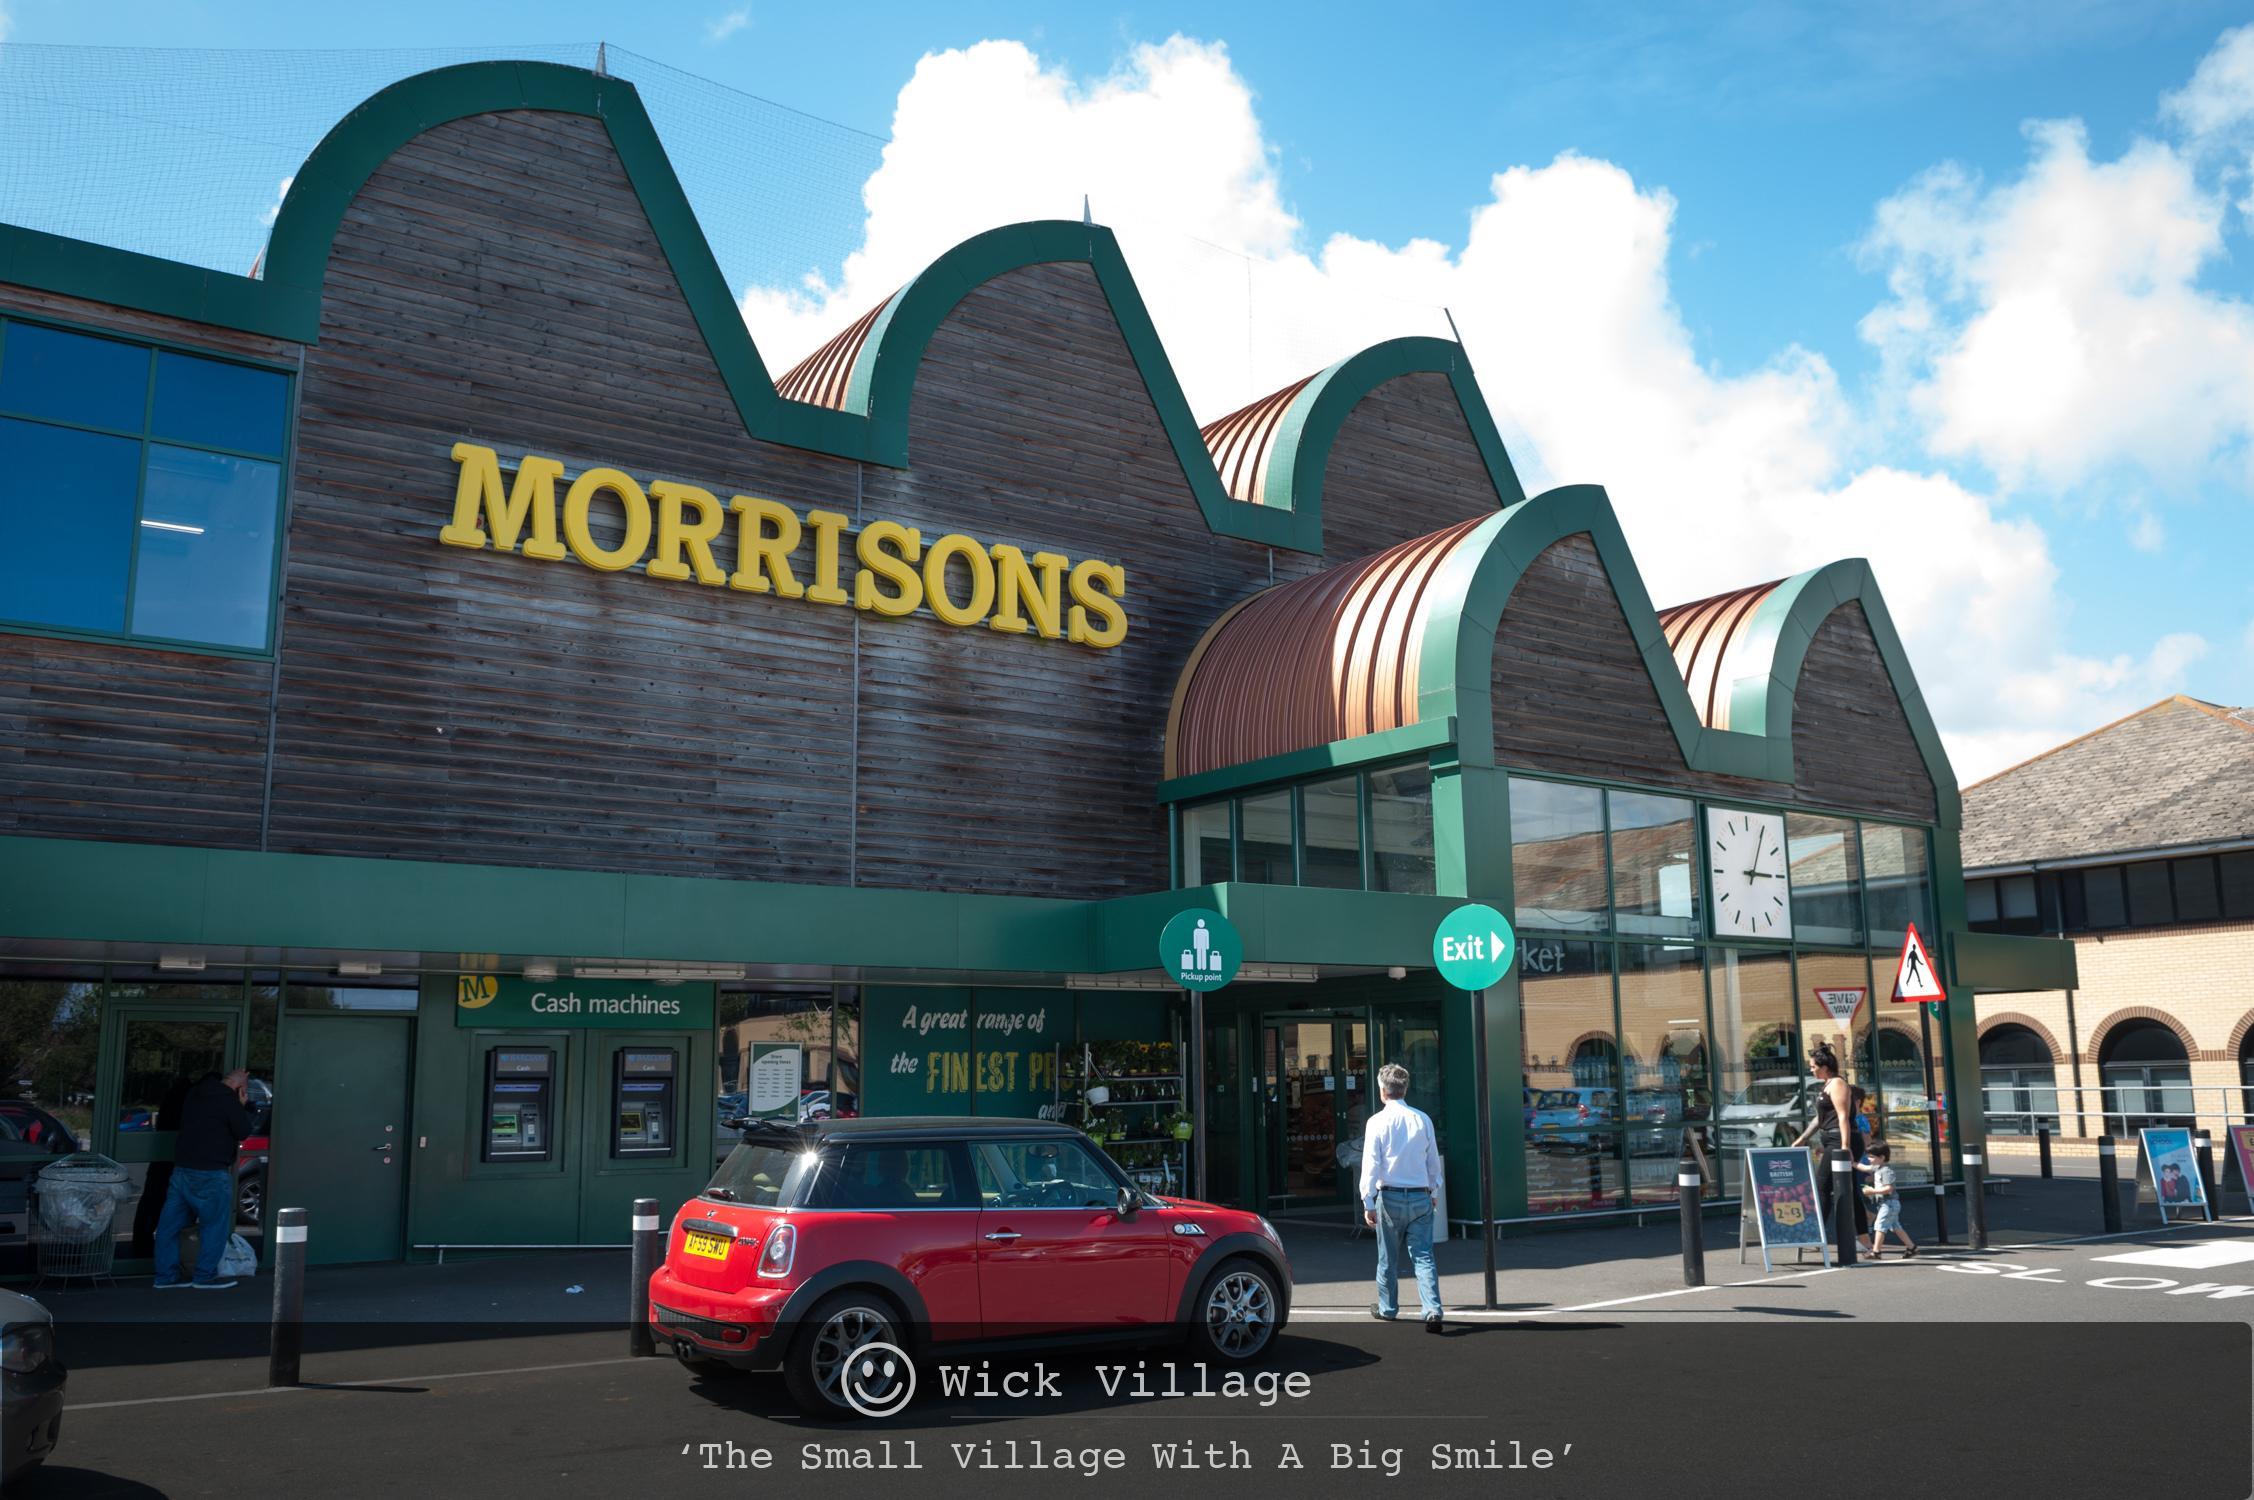 The Littlehampton Morrisons store in Wick,Littlehampton.